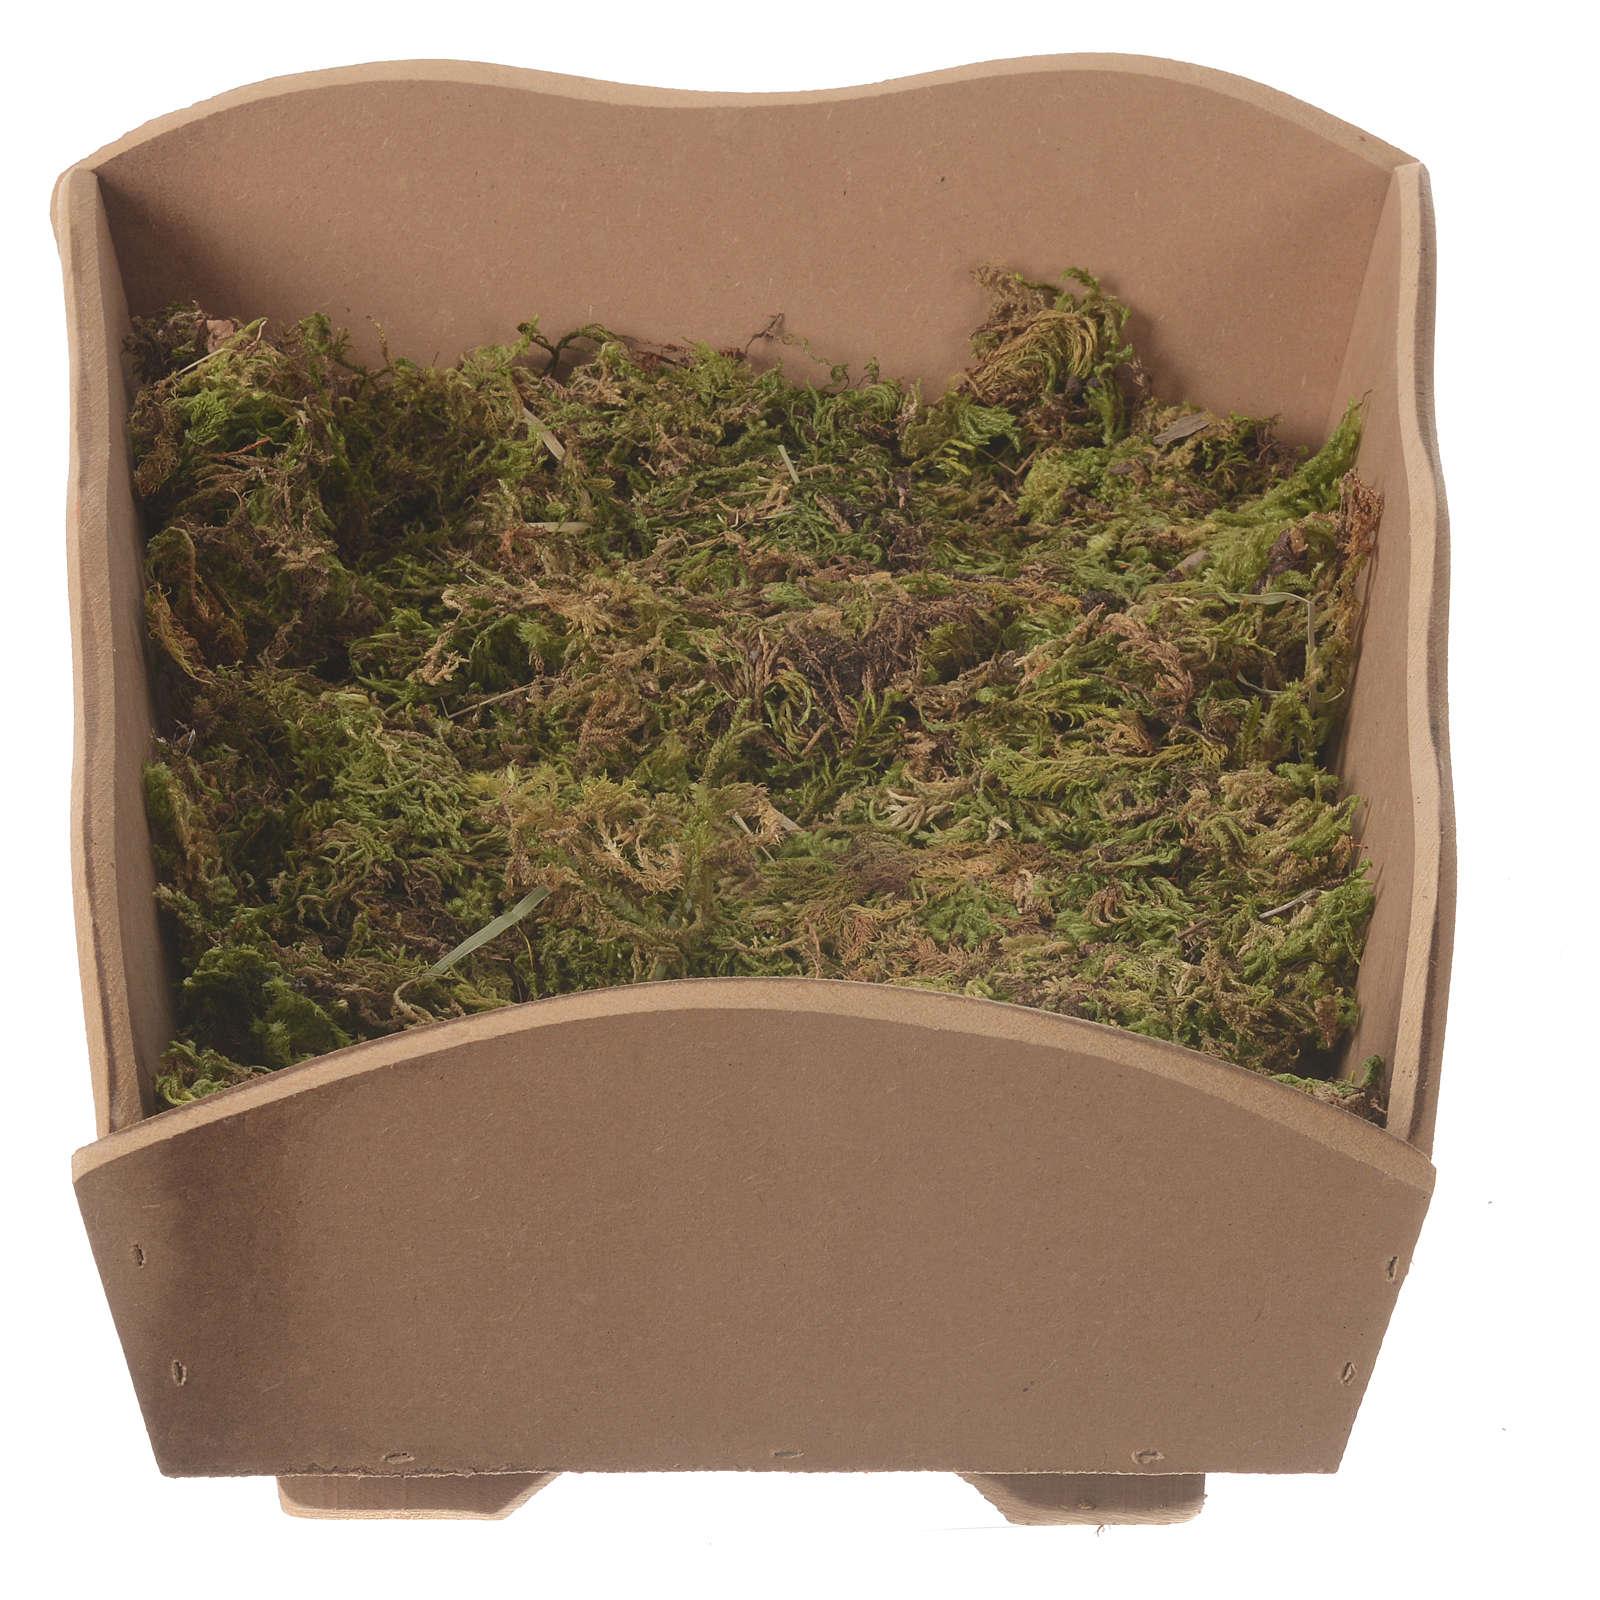 Berceau bois mousse pour enfant 85 cm Fontanini 3